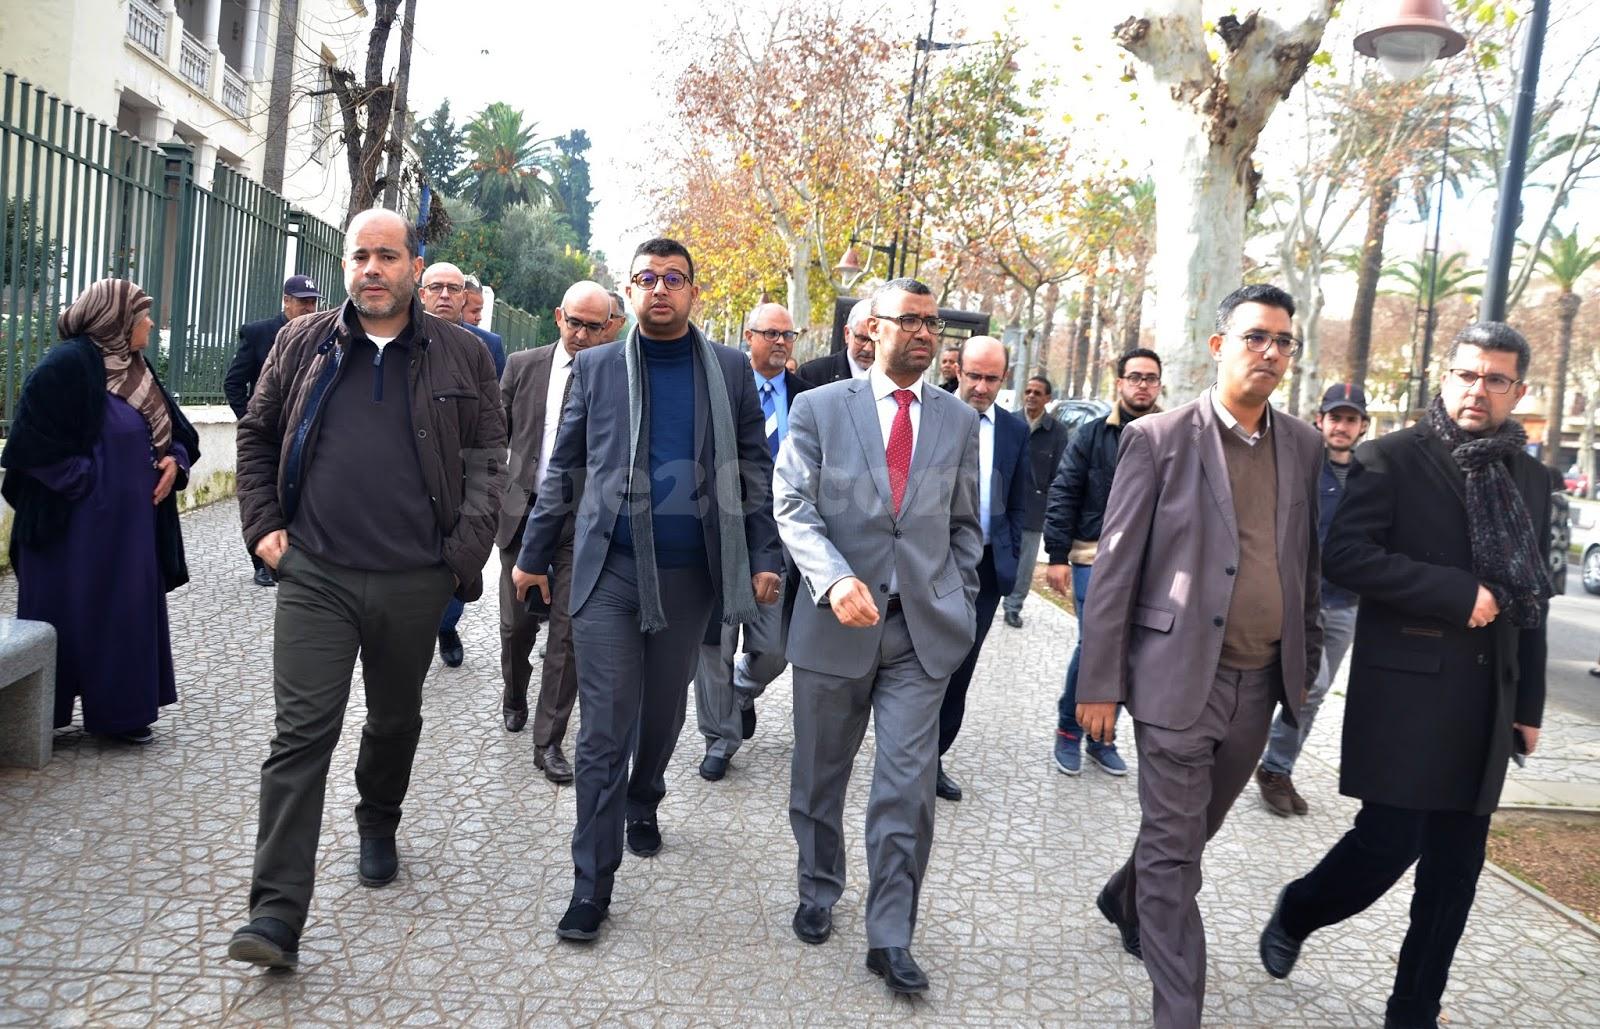 رؤساء جماعات وبرلمانيين عن البيجيدي يهجرون مصالح المواطنين لحضور محاكمة 'حمي الدين'